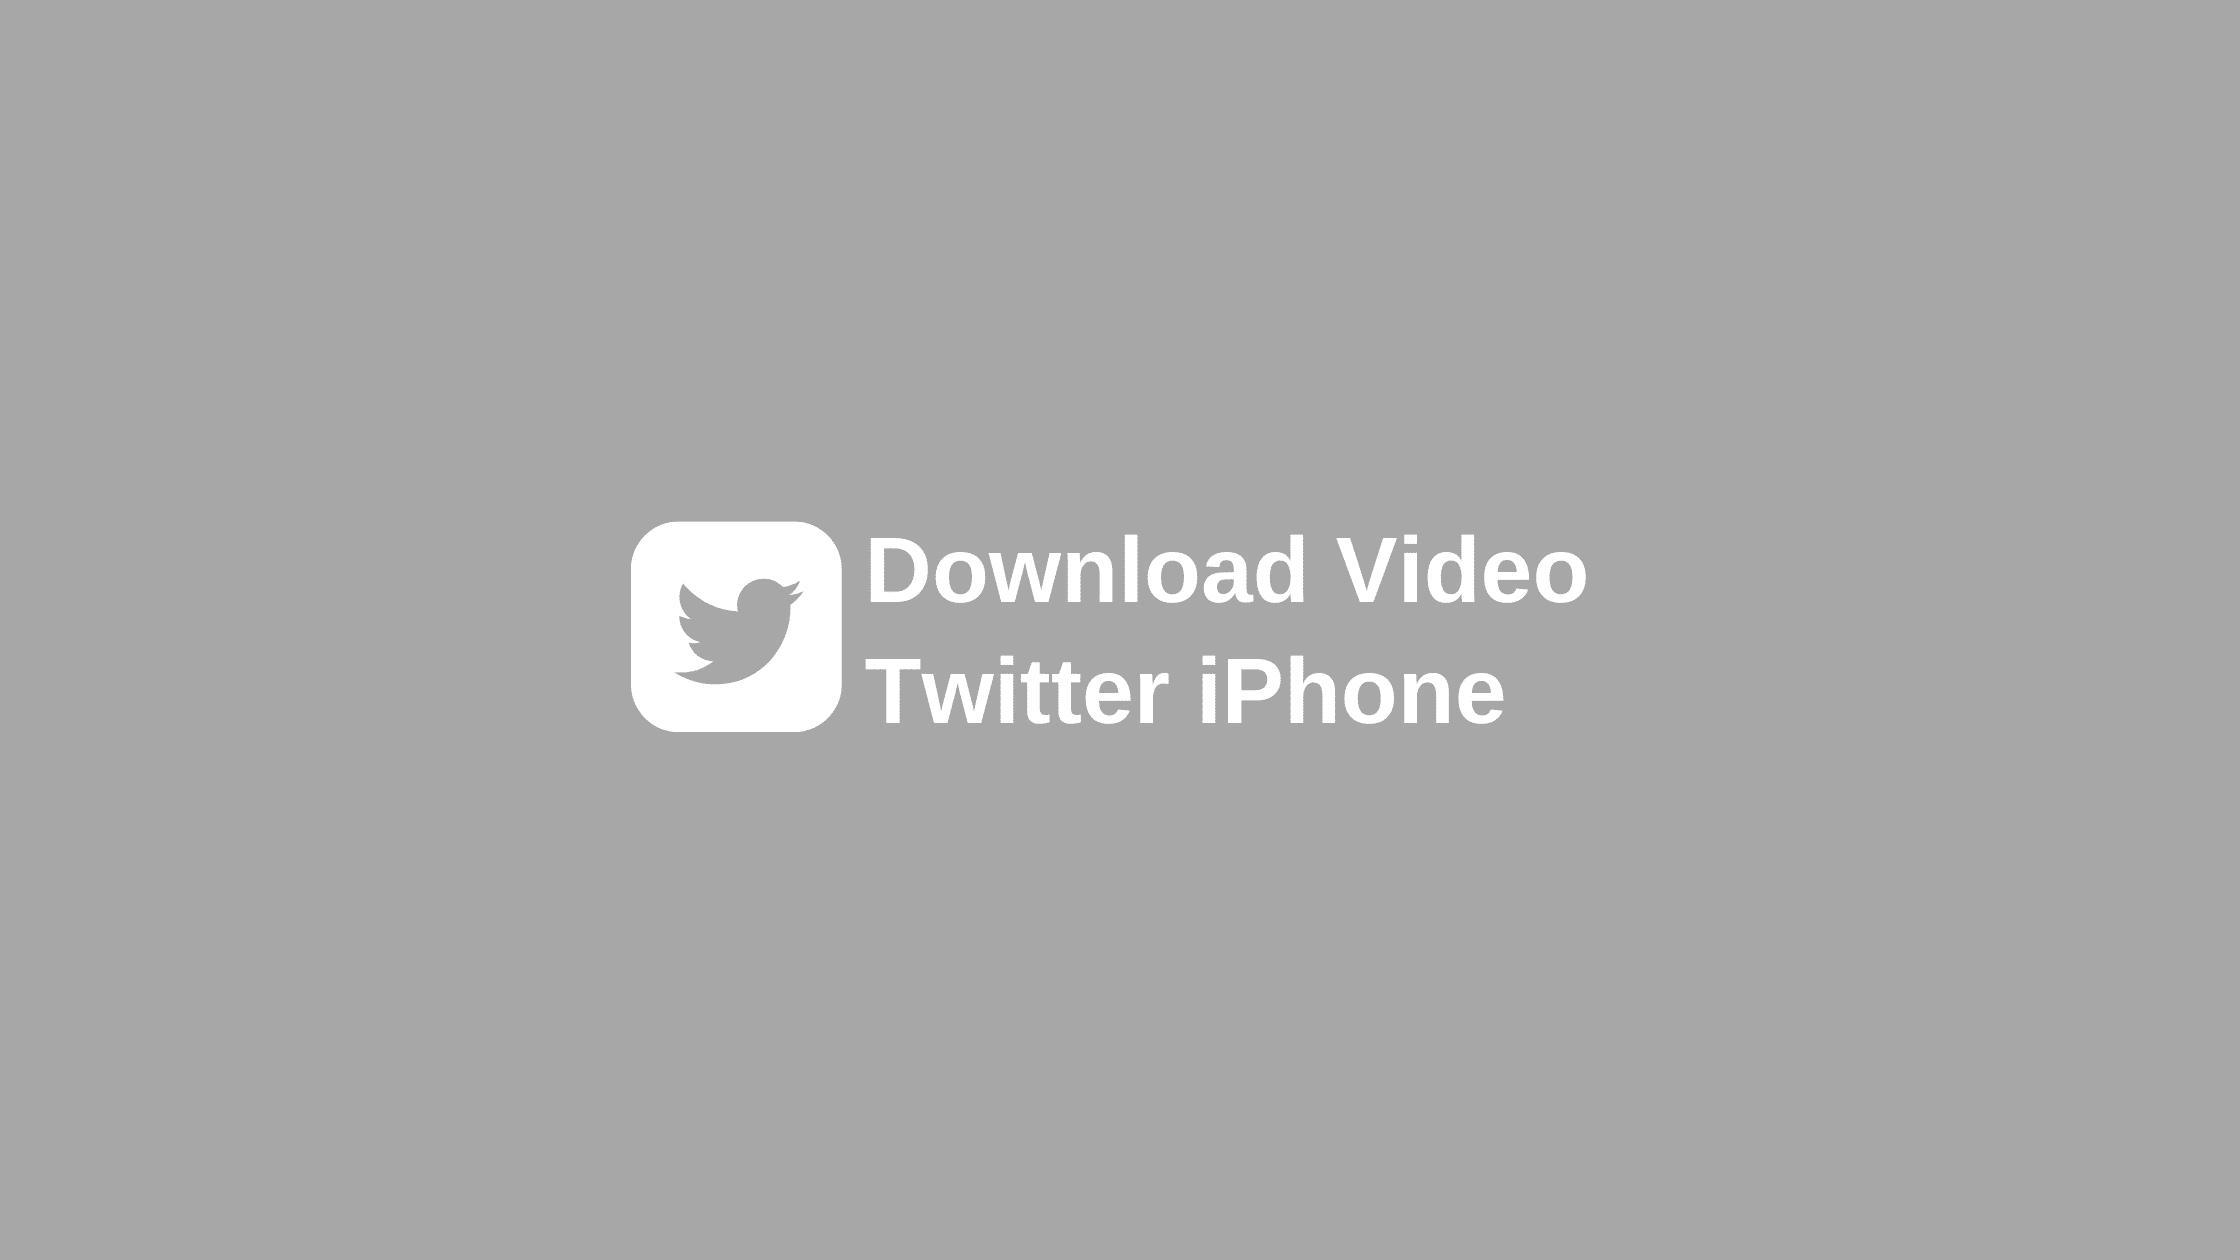 cara download video di twitter iphone